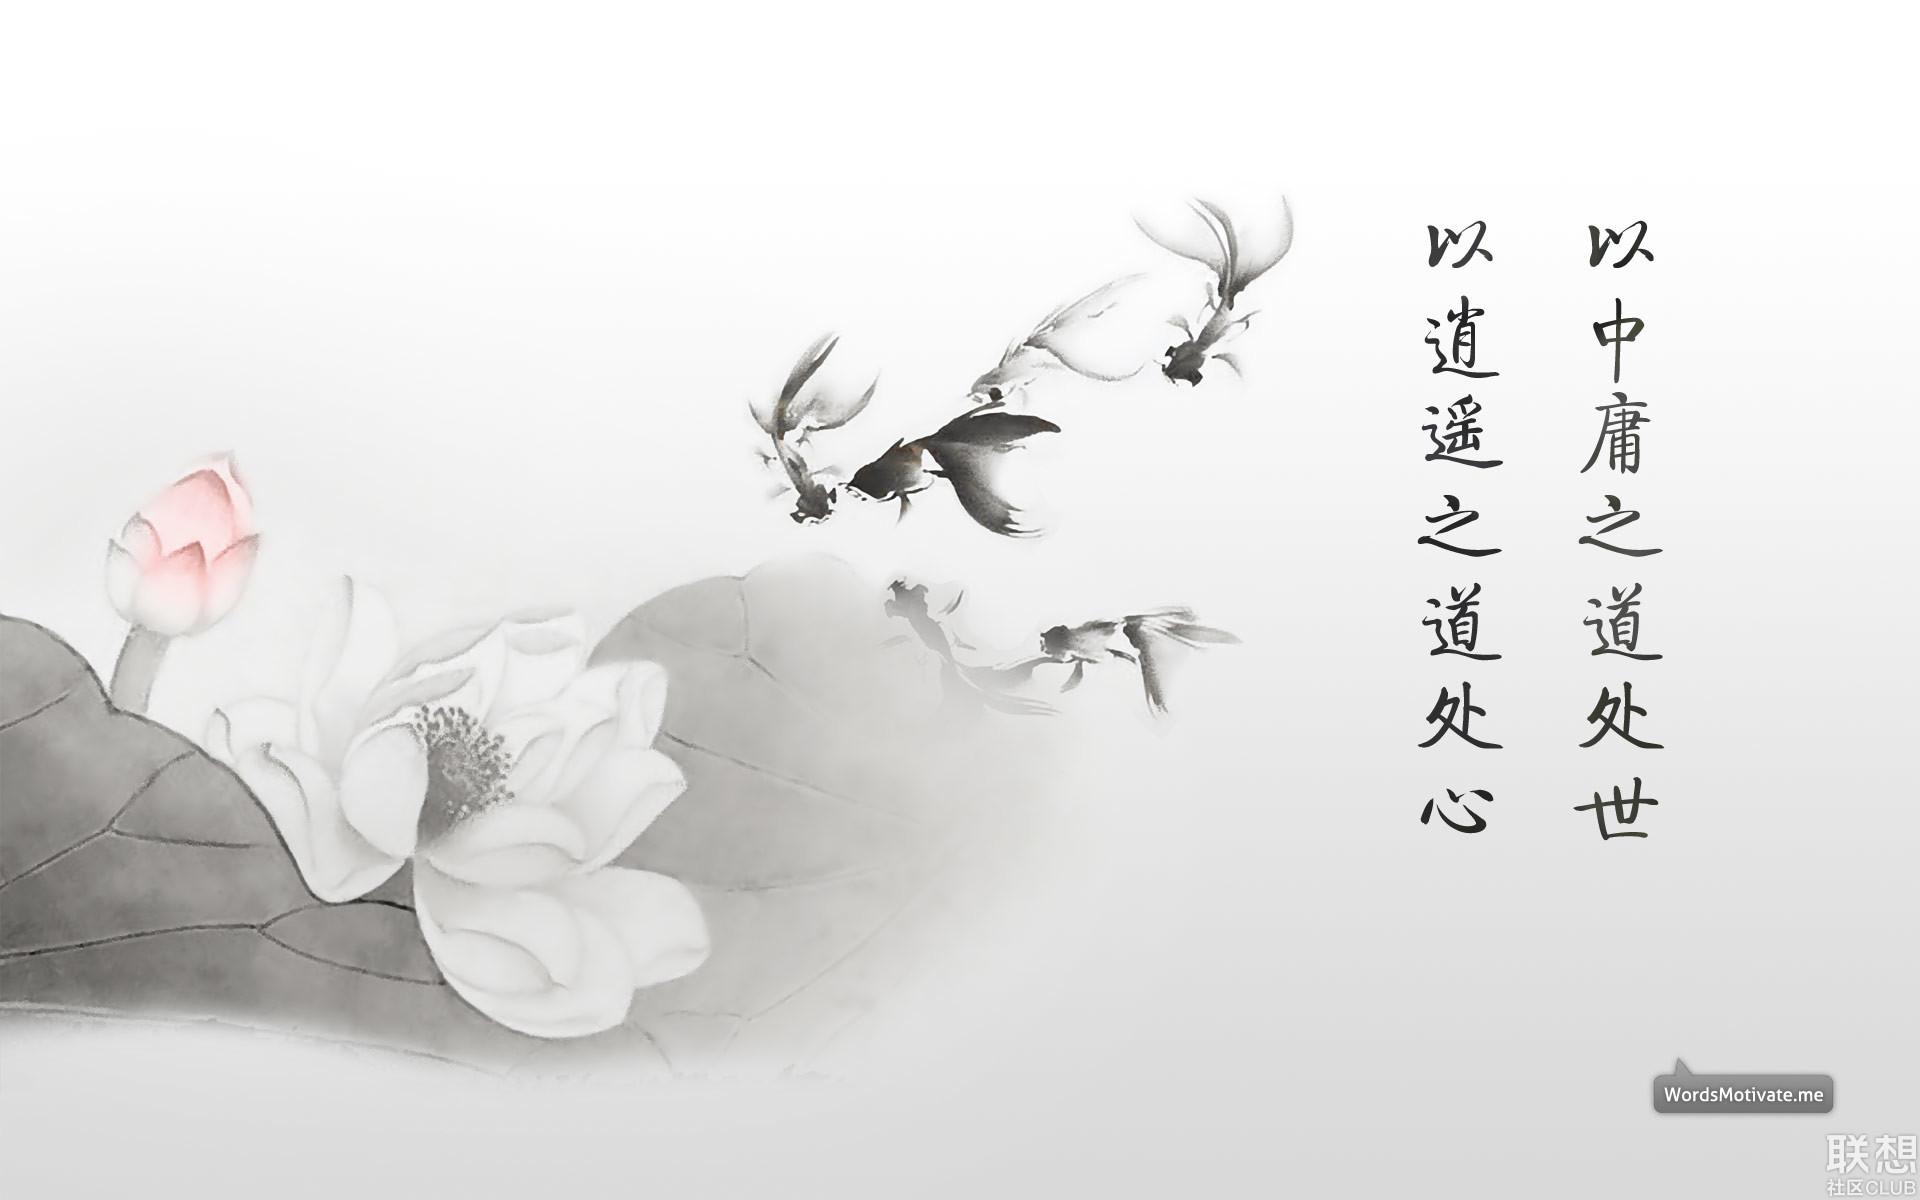 【【高清壁纸】1920x1200励志奋斗壁纸大合集】-【及